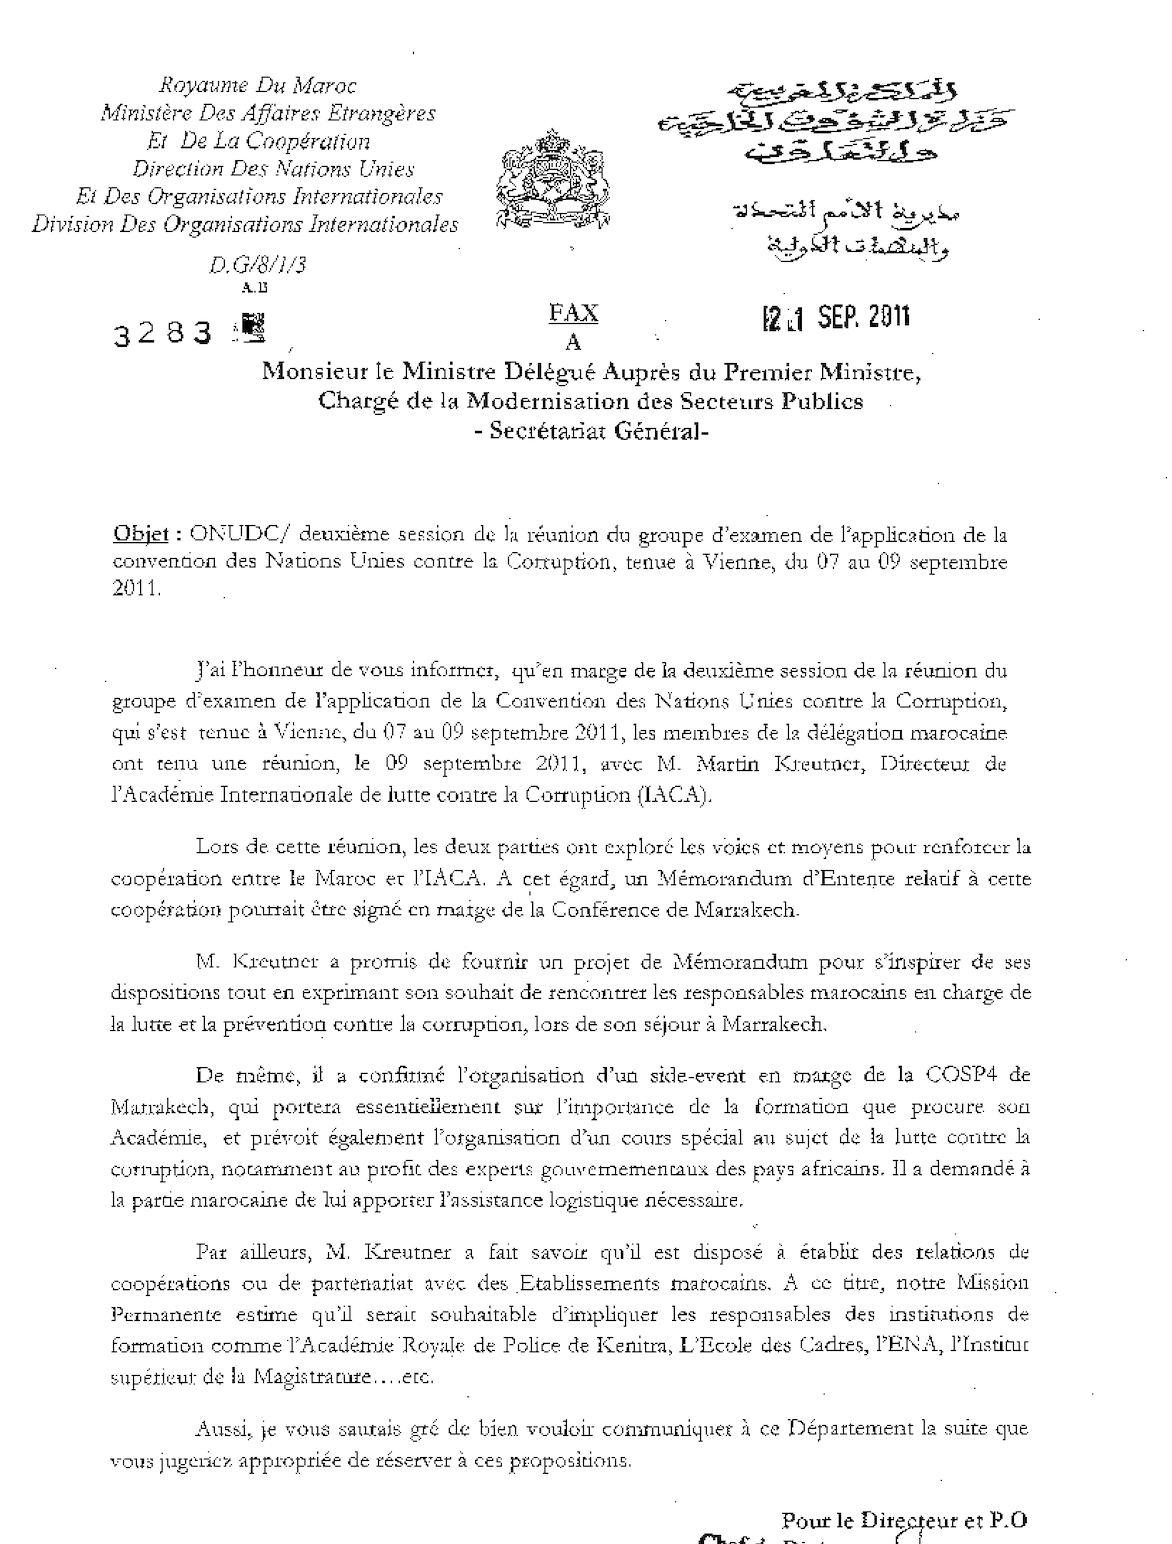 3283 Modrnisation Du Secteur Publics